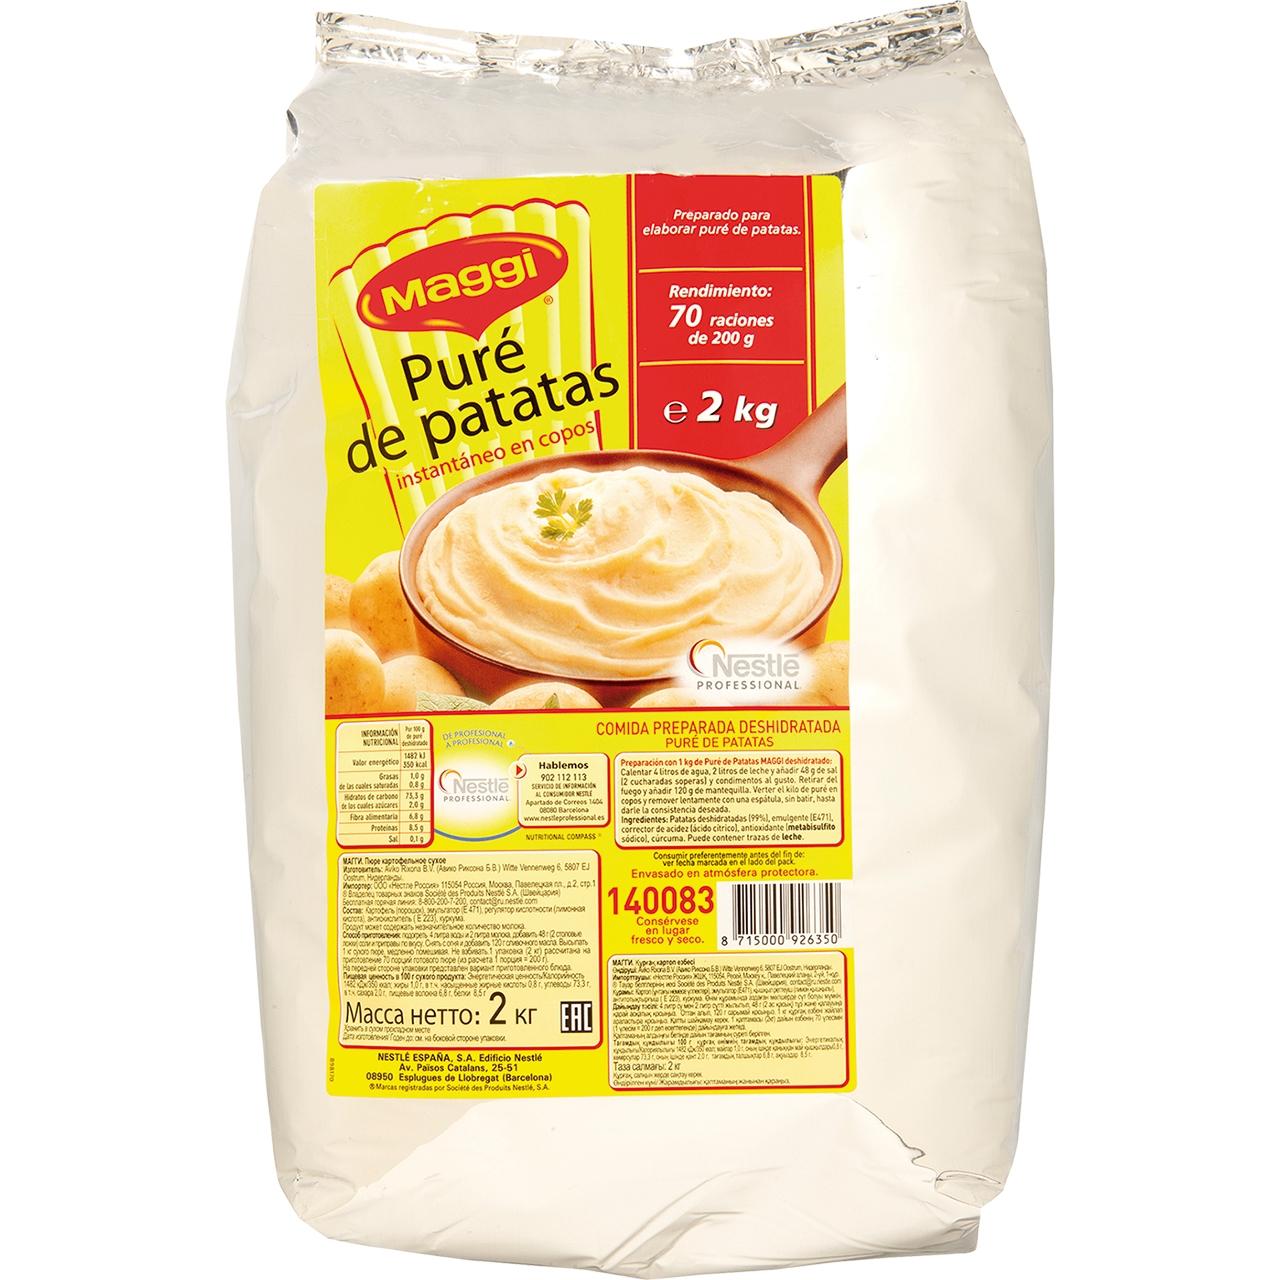 Puré de patates 2kg. Maggi